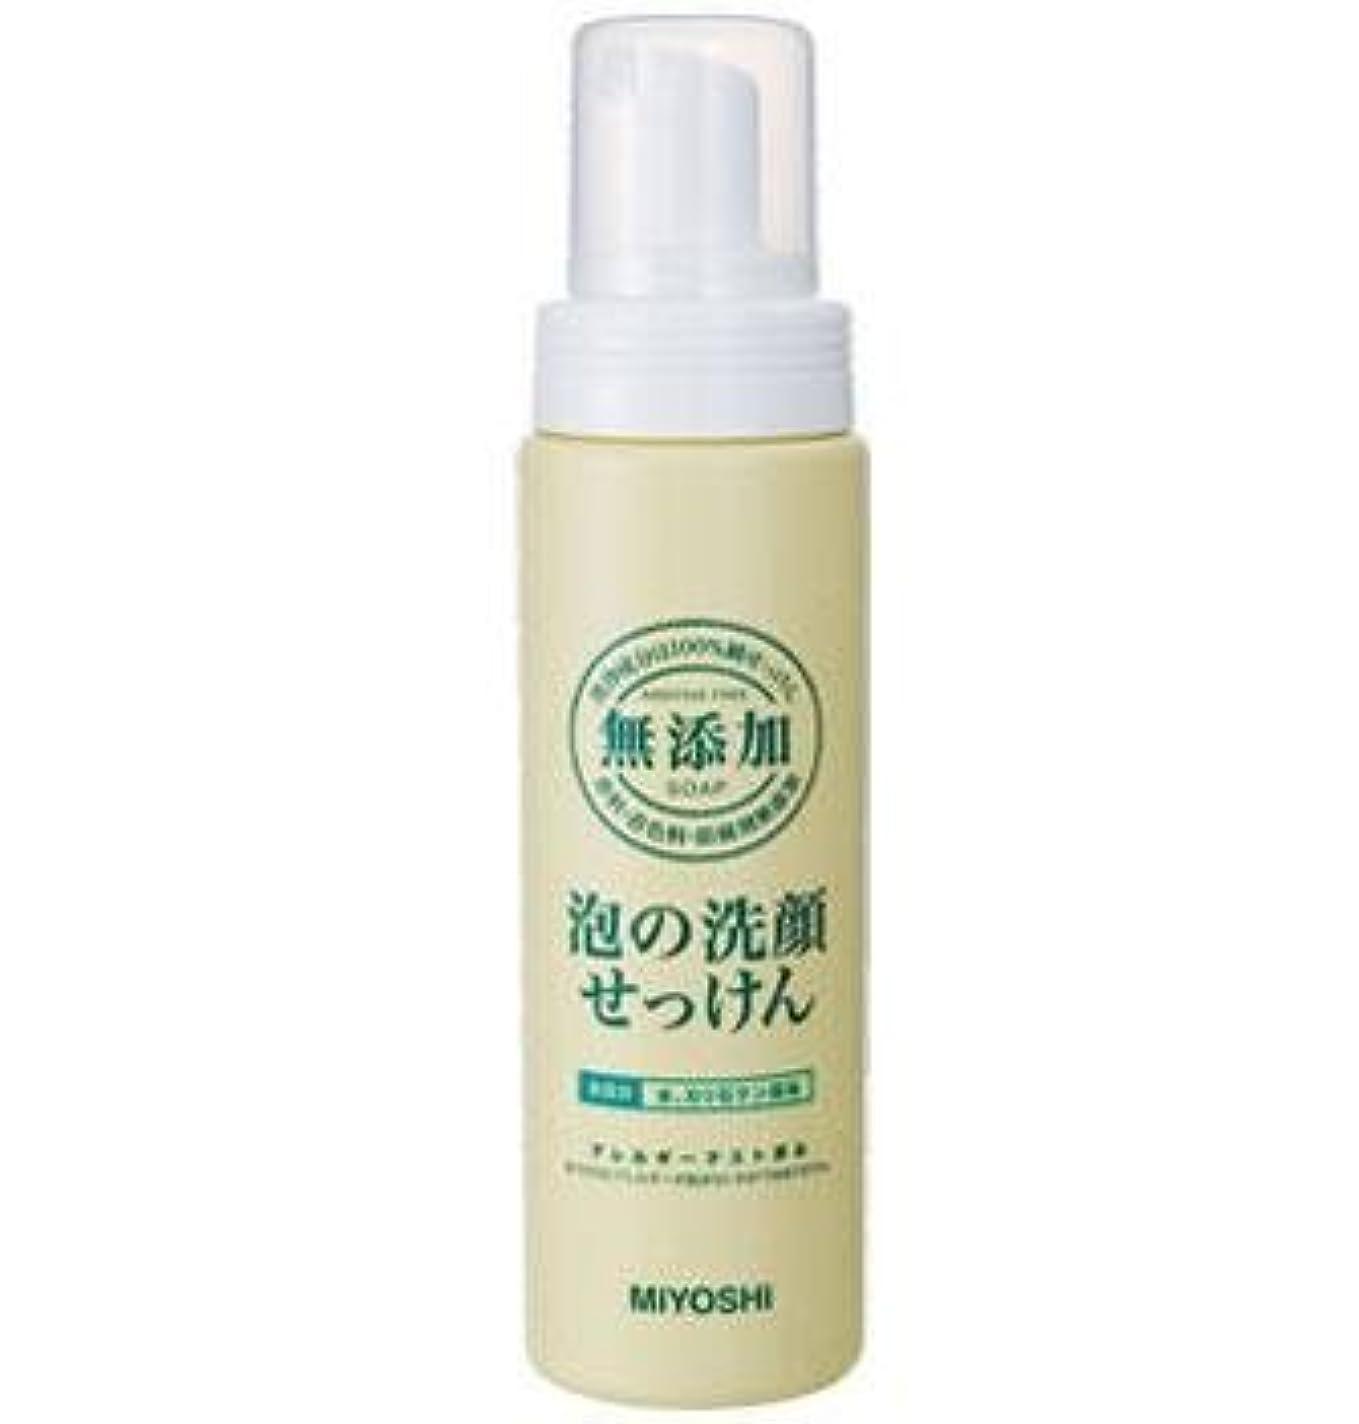 強調する熟した不名誉なミヨシ石鹸 無添加 泡の洗顔せっけん ポンプ 200ml(無添加石鹸)×24点セット (4537130120019)